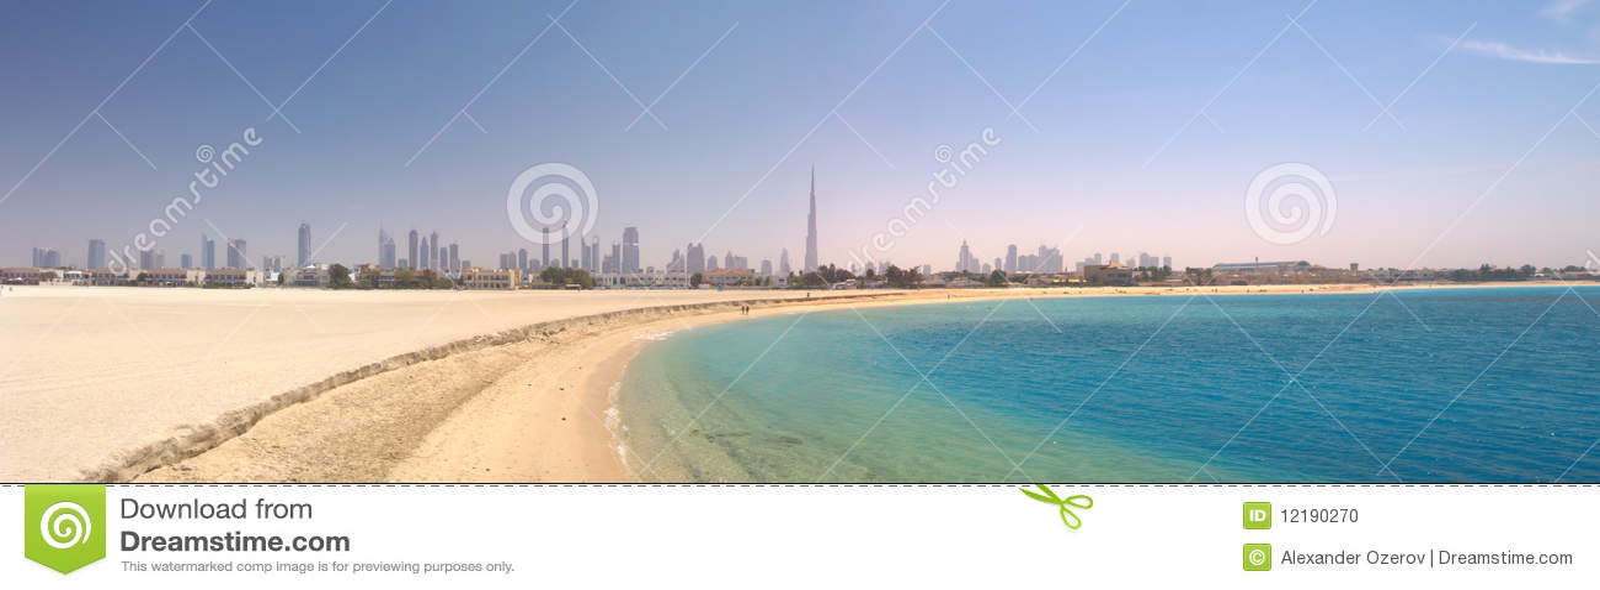 Dubai. Panorama de la playa y del mar hermosos